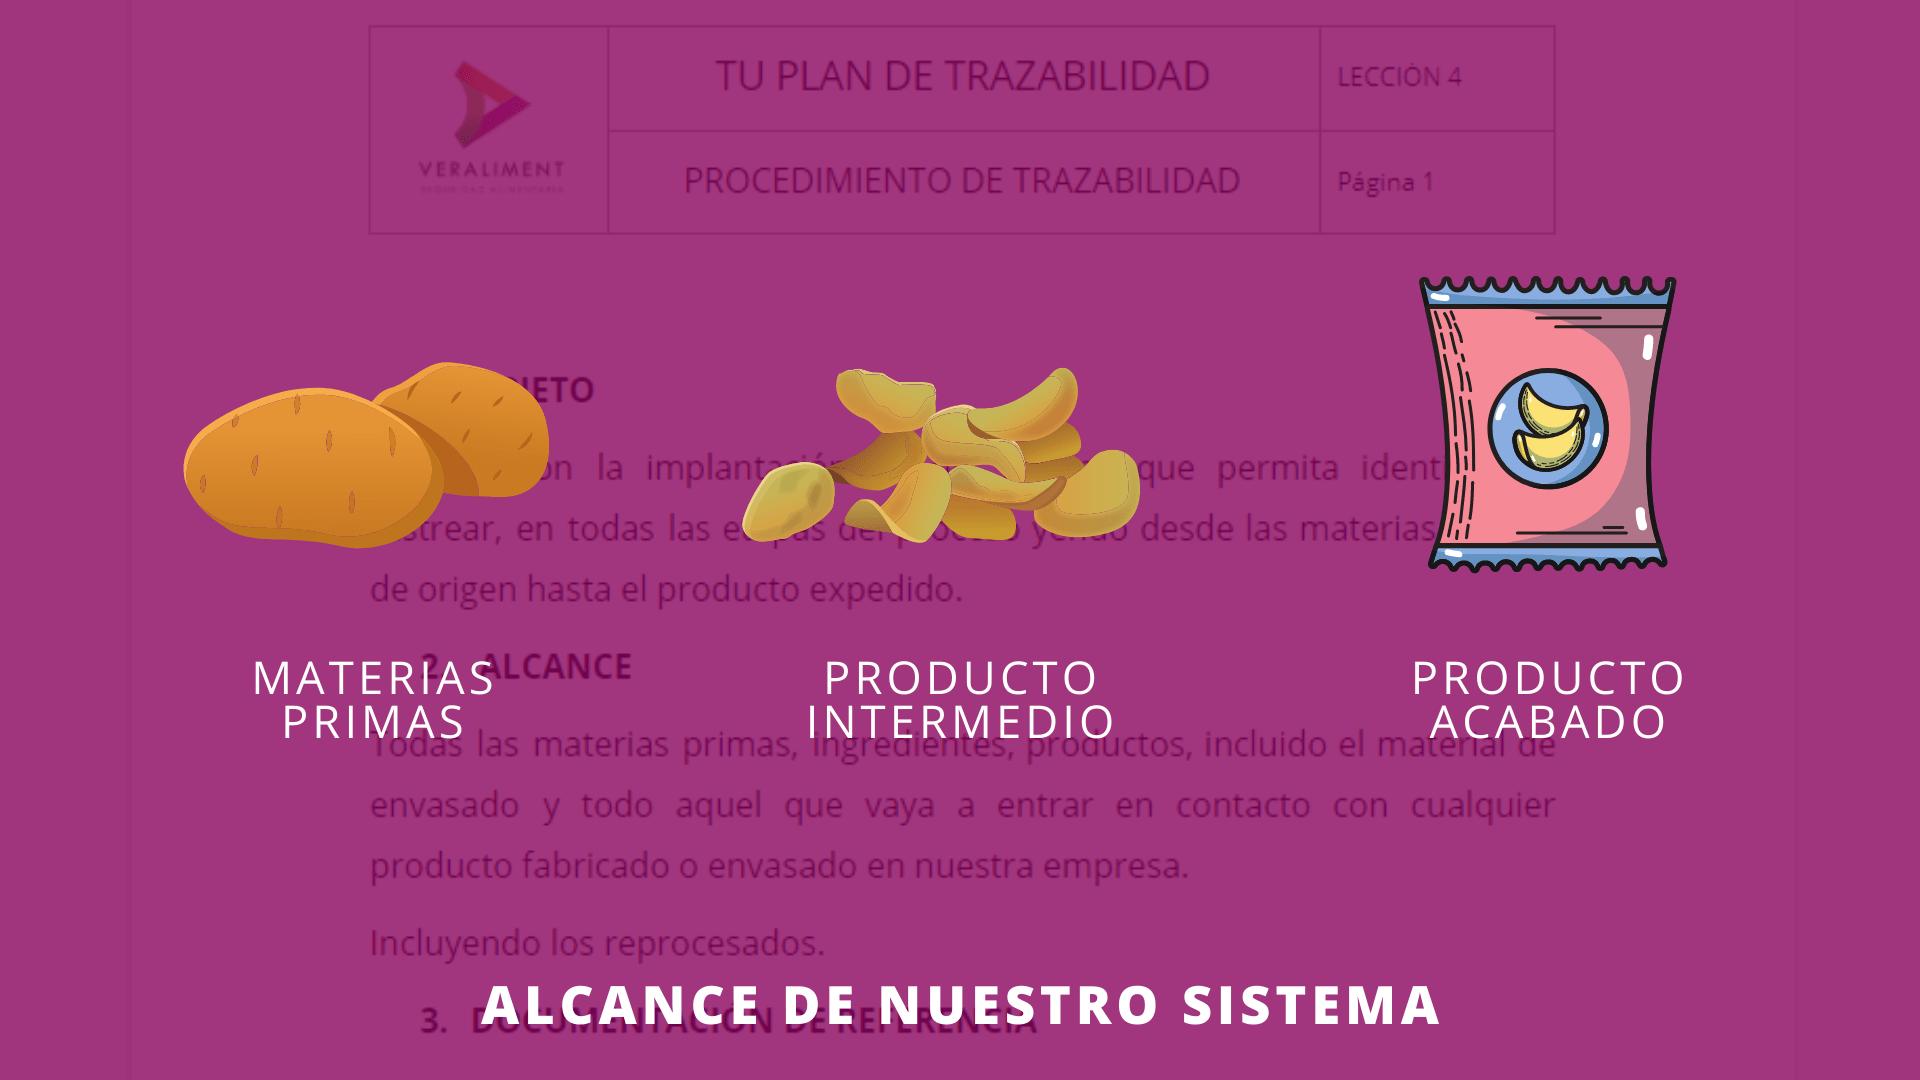 Trazabilidad Diapositiva 4